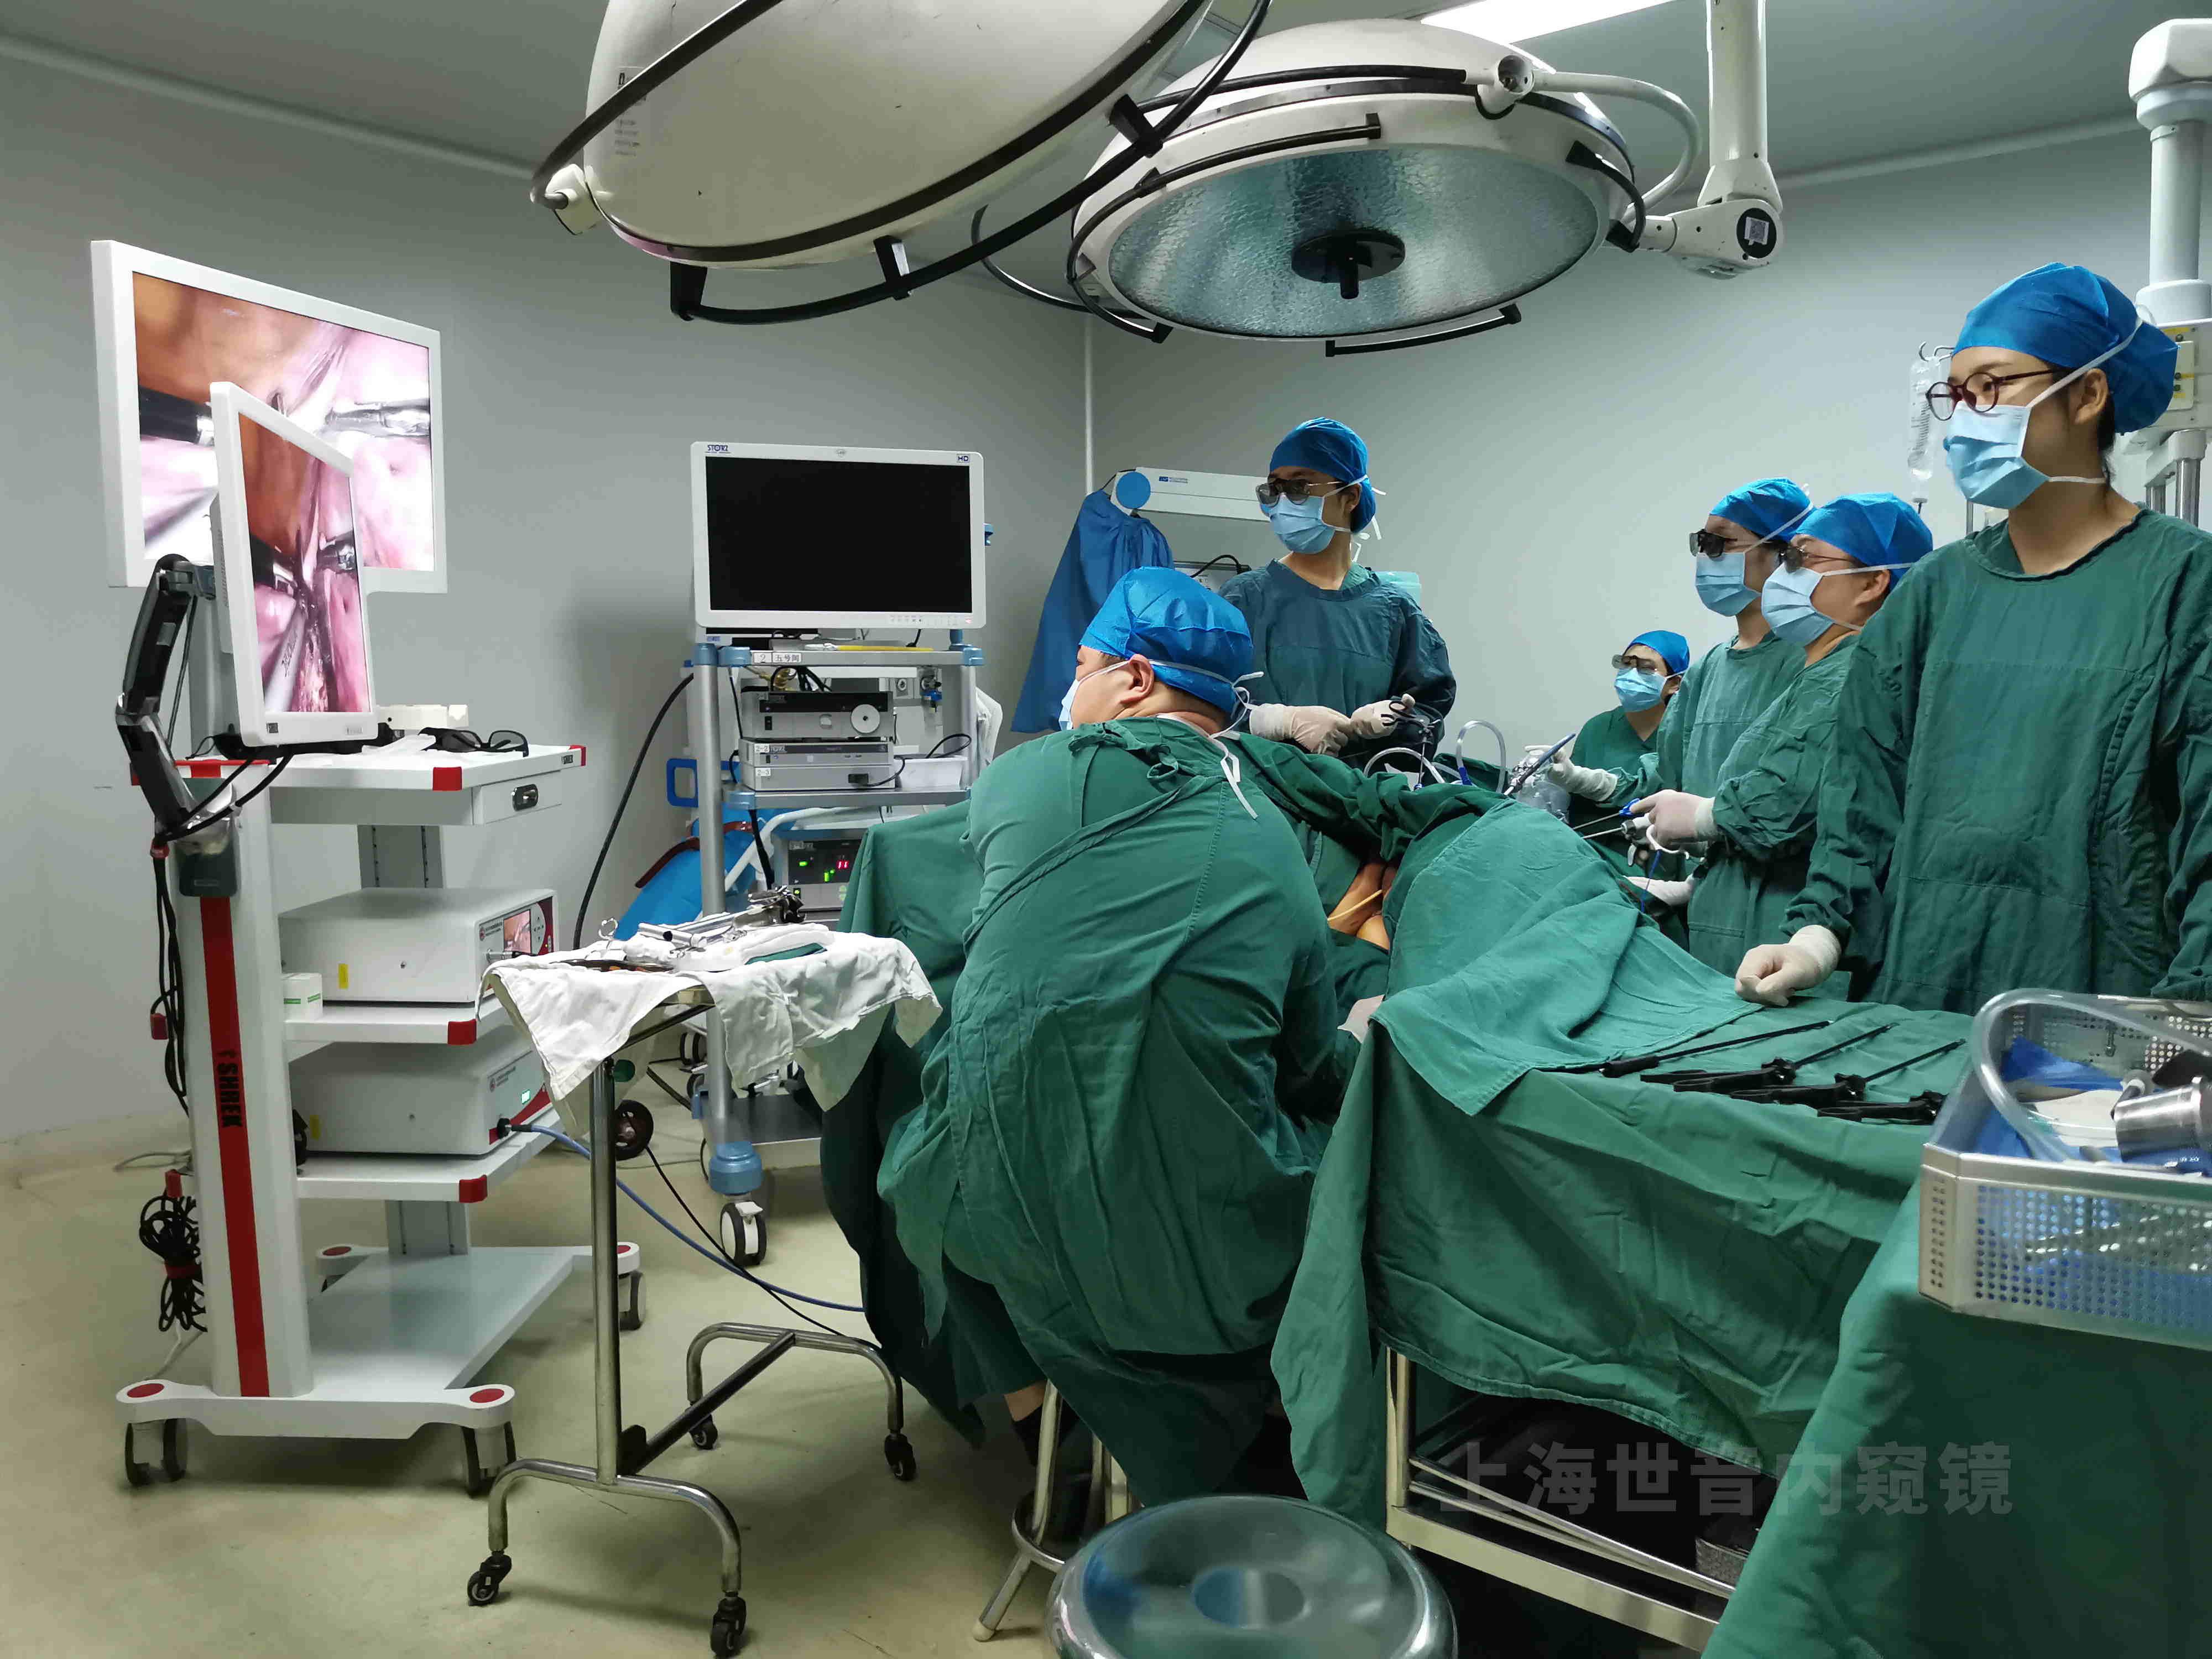 【腹腔镜篇】3D腹腔镜手术